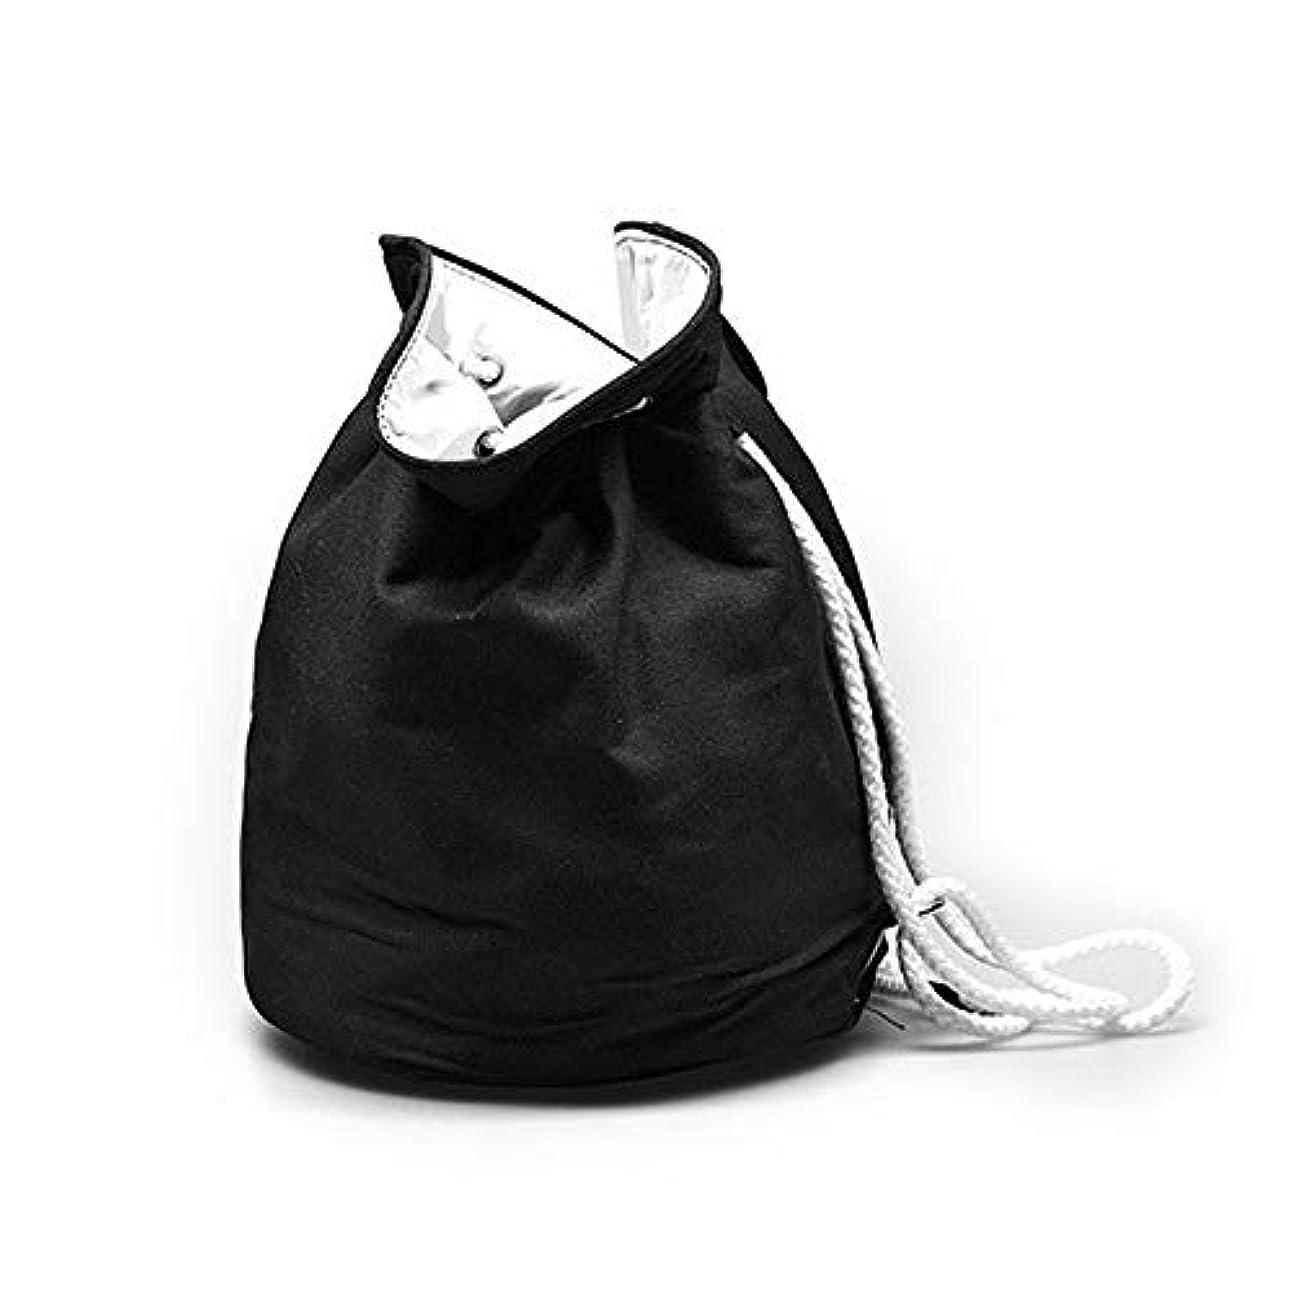 トレース花弁怪しい化粧オーガナイザーバッグ ポータブル巾着収納バッグ用化粧品化粧ブラシプロの旅行化粧バッグ旅行アクセサリー大容量防水ウォッシュバッグ 化粧品ケース (色 : ブラック, サイズ : 35x28cm)